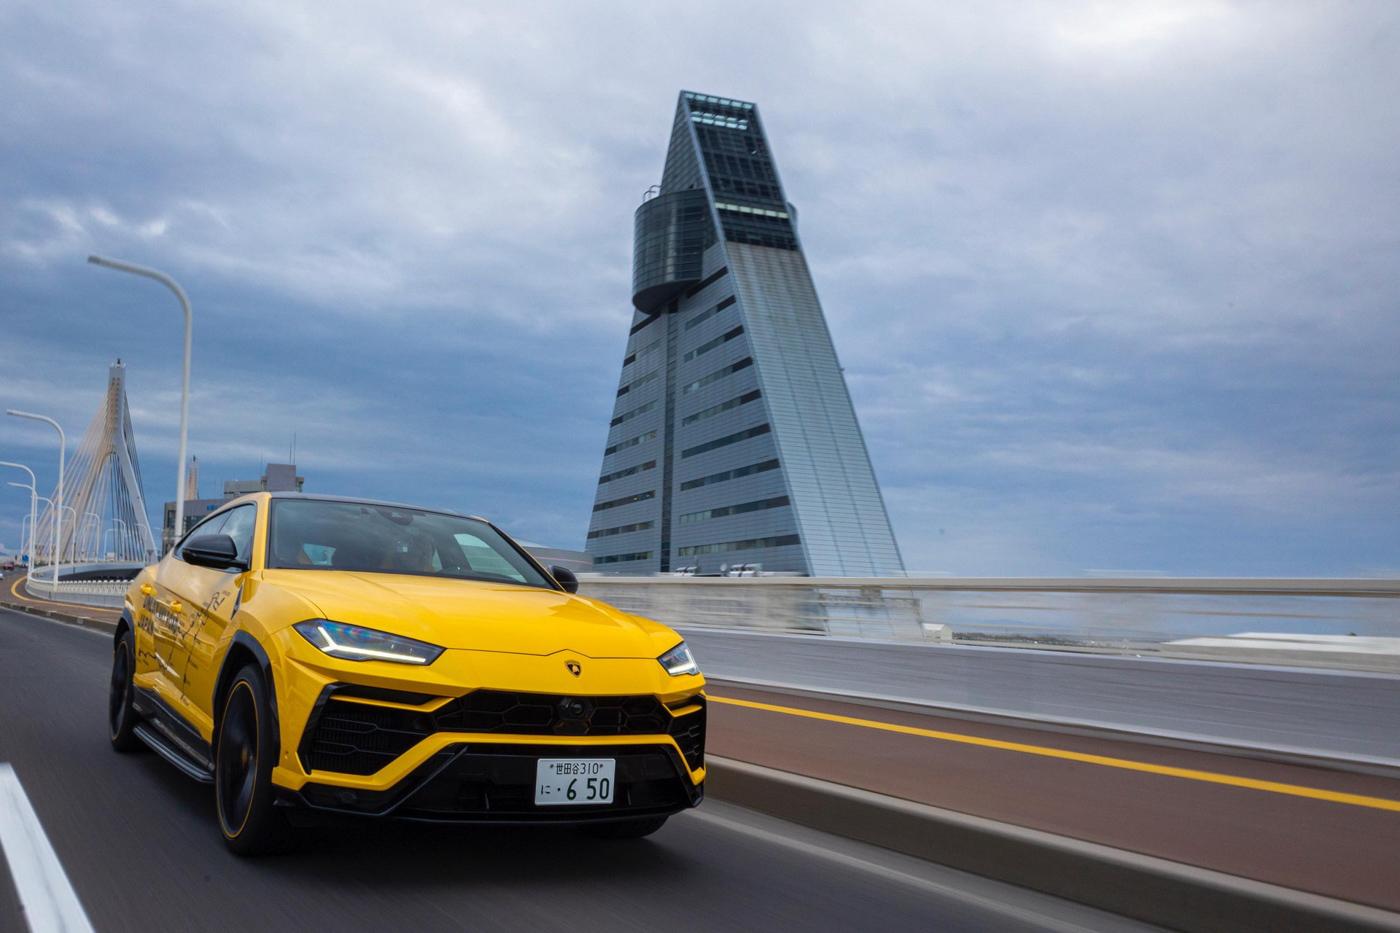 Bộ-đôi-Lamborghini-Urus-vượt-hơn-6.500-km-trong-hành-trình-xuyên-Nhật-Bản (16).jpg